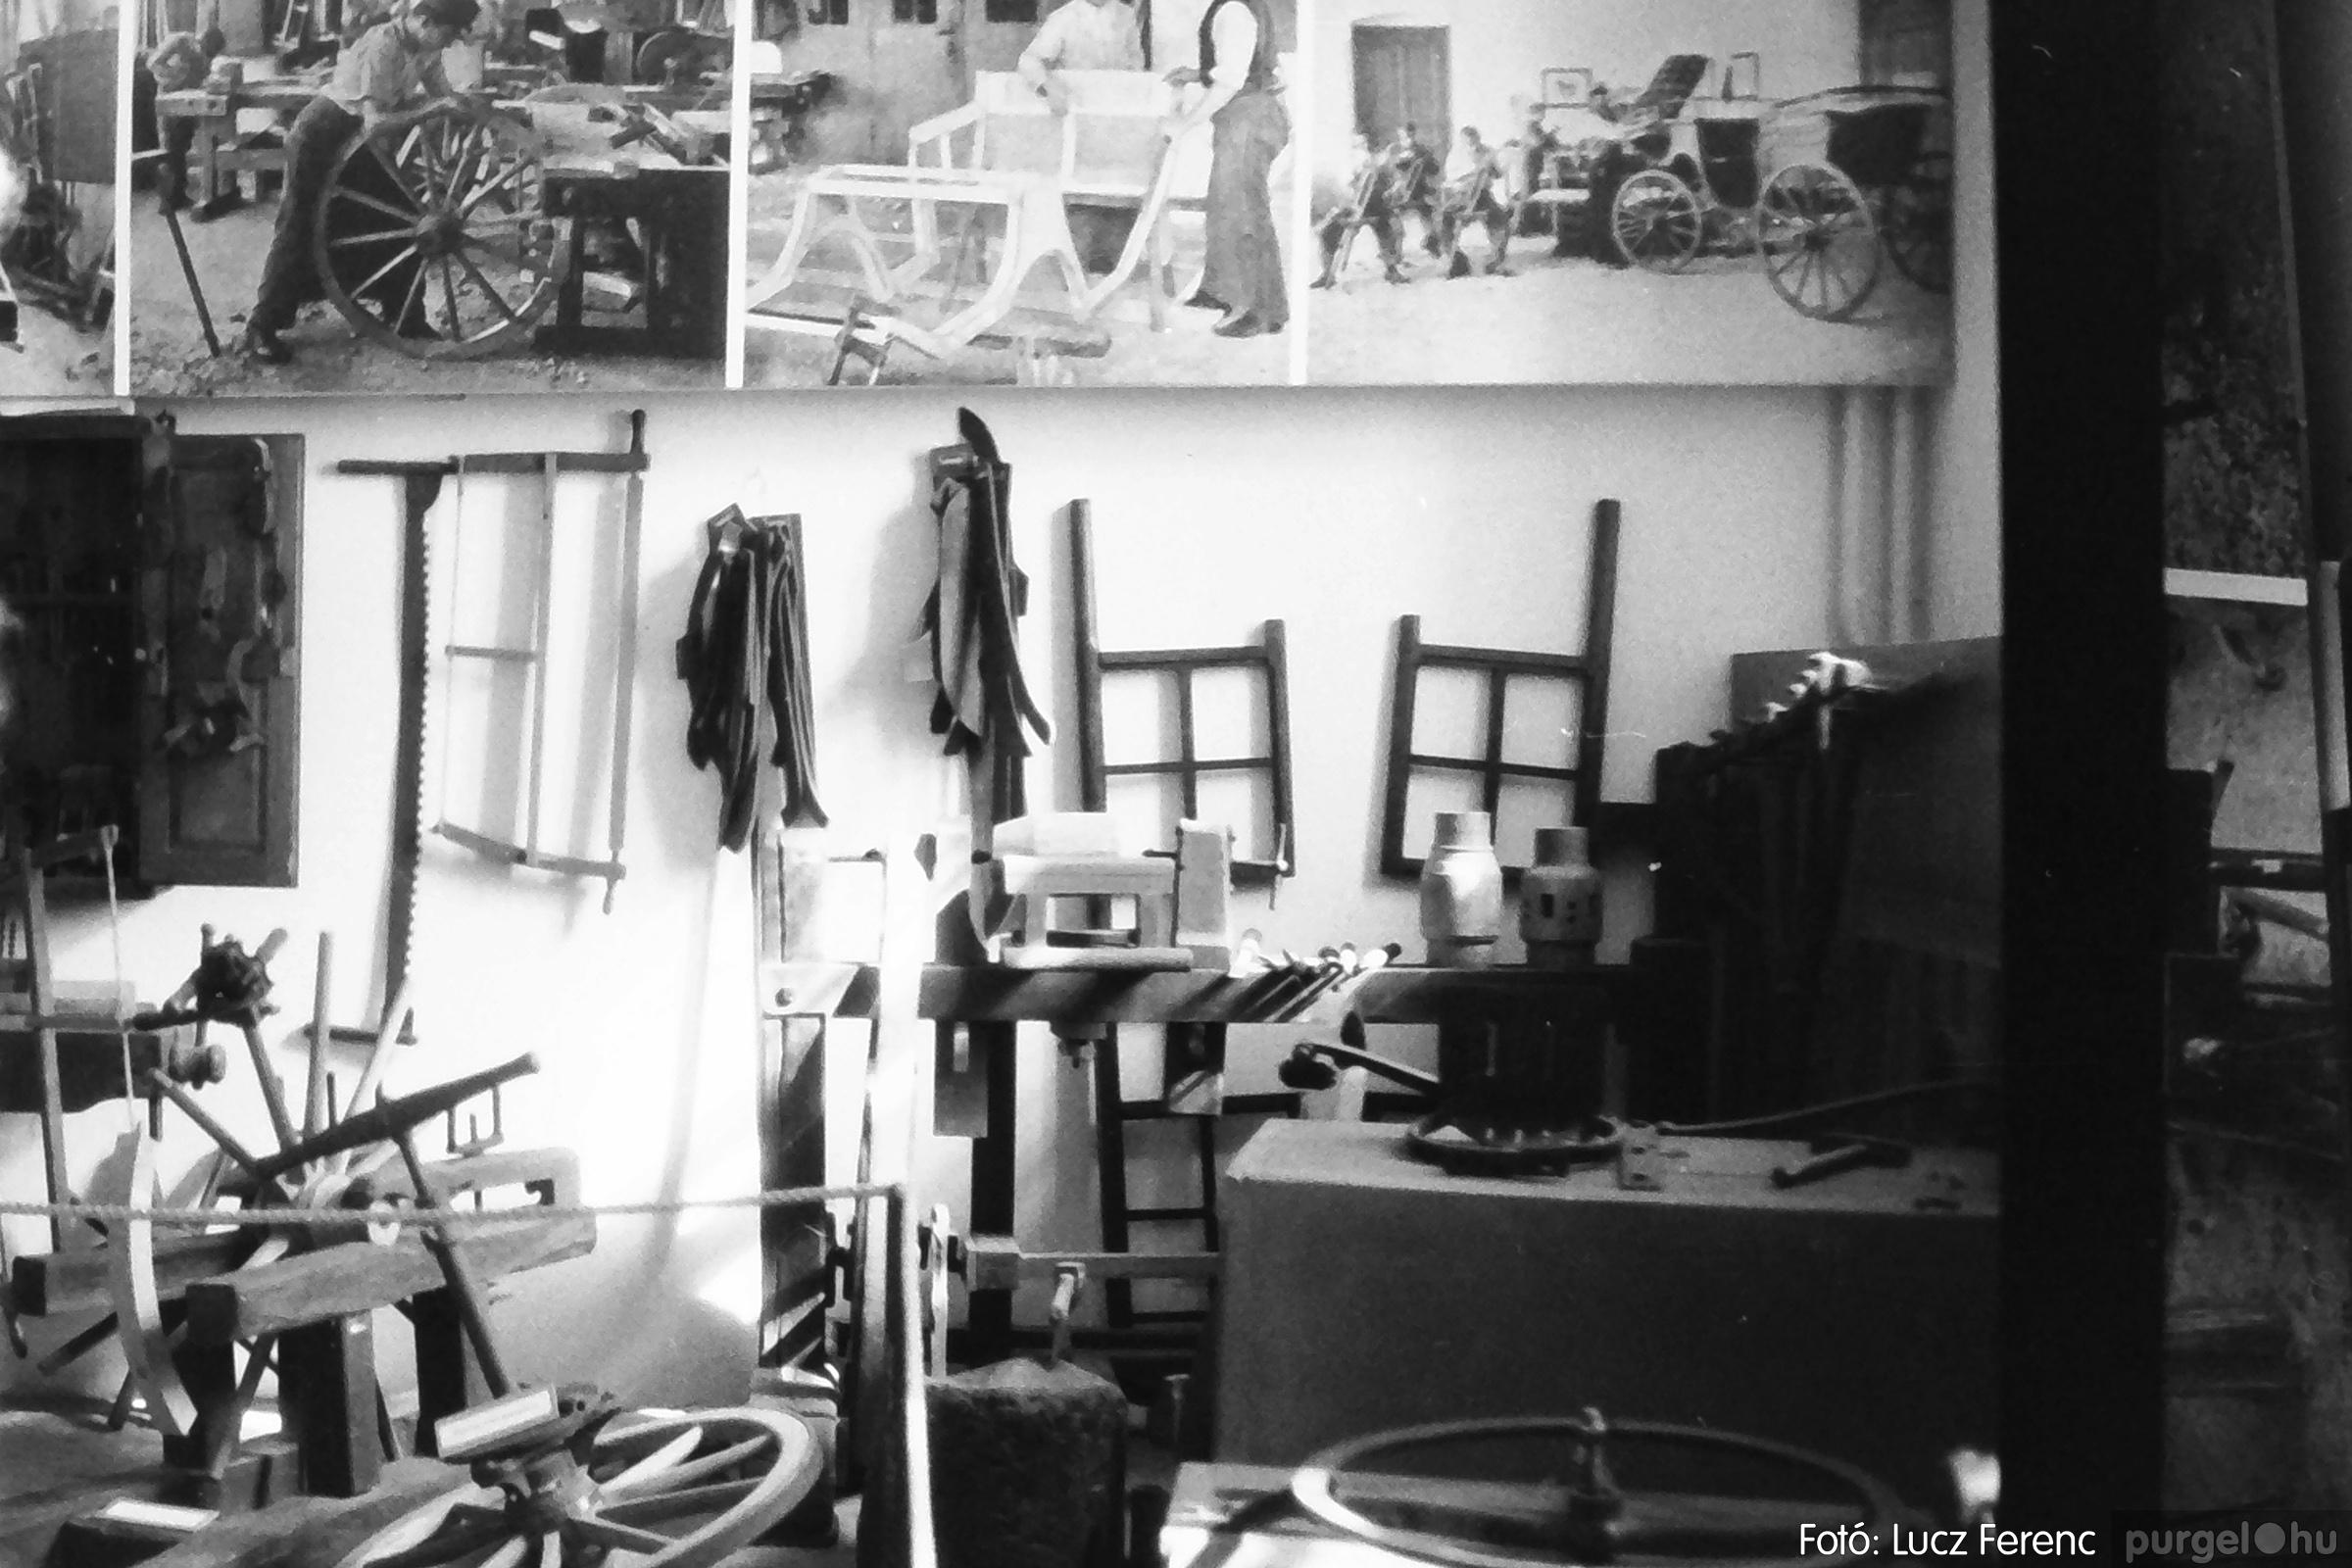 086, 088. 1977. Nyári tábor a Mátrában 034. - Fotó: Lucz Ferenc.jpg